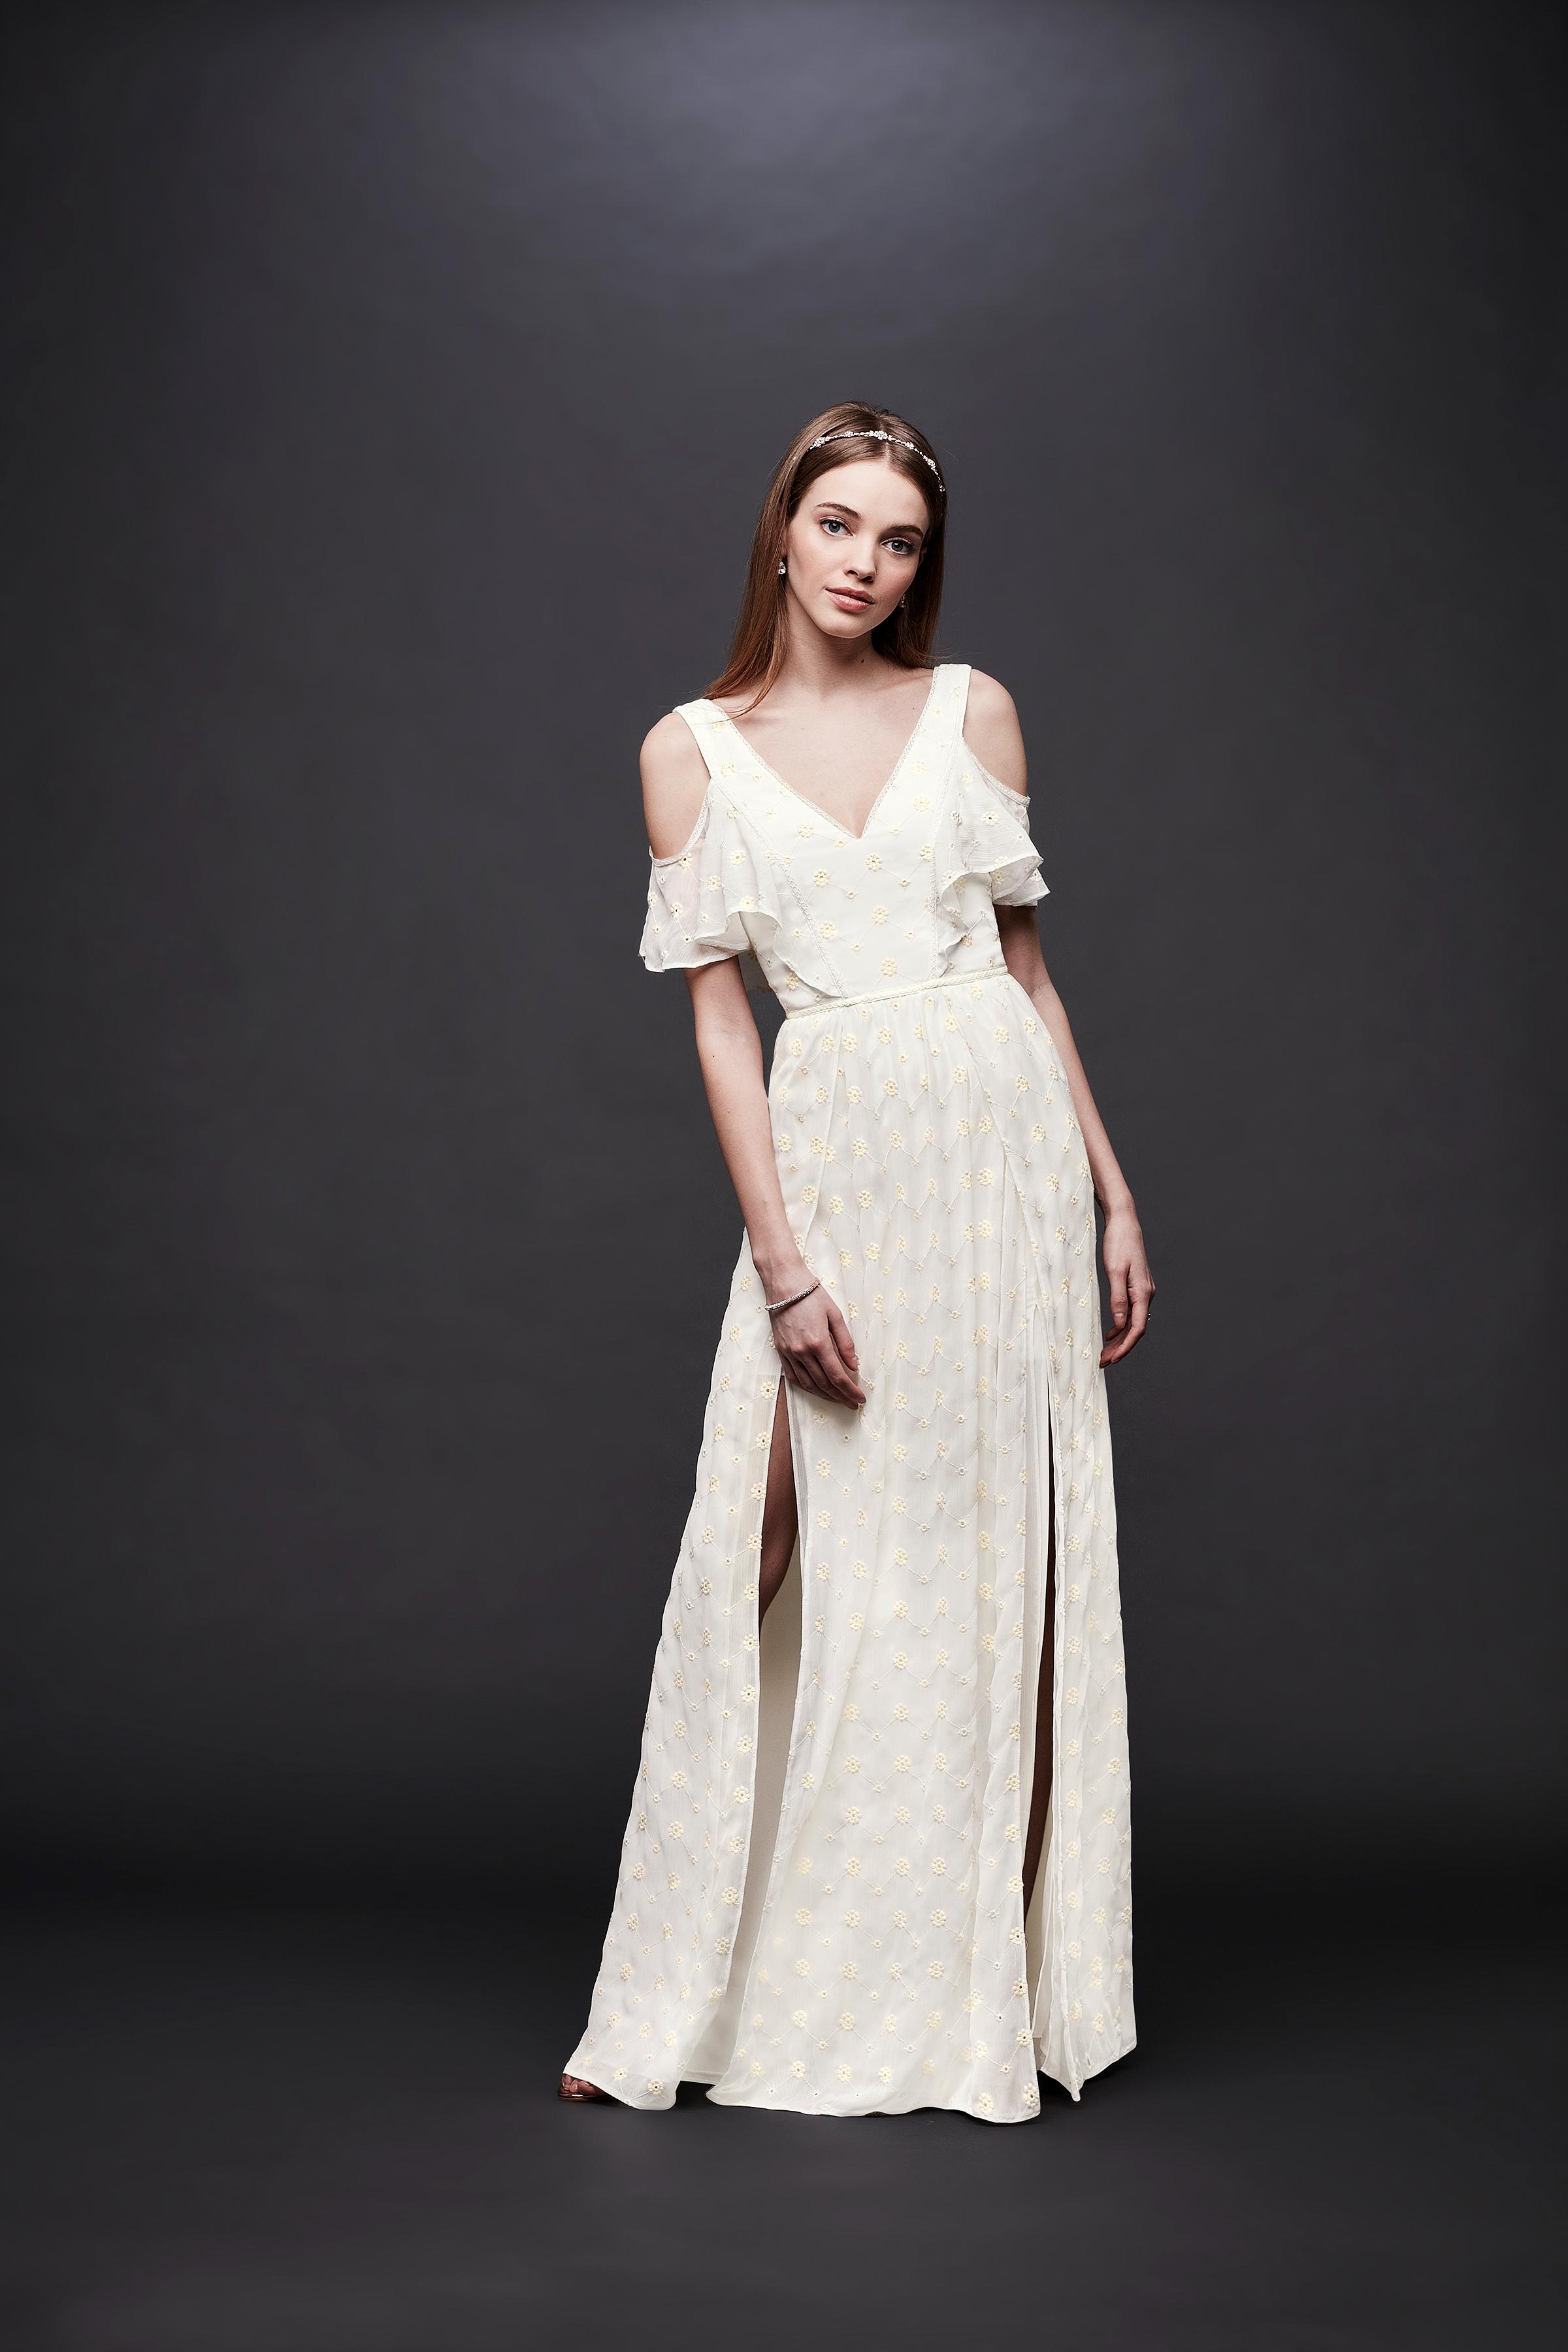 david bridal wedding dress spring 2019 cold shoulder v-neck slits